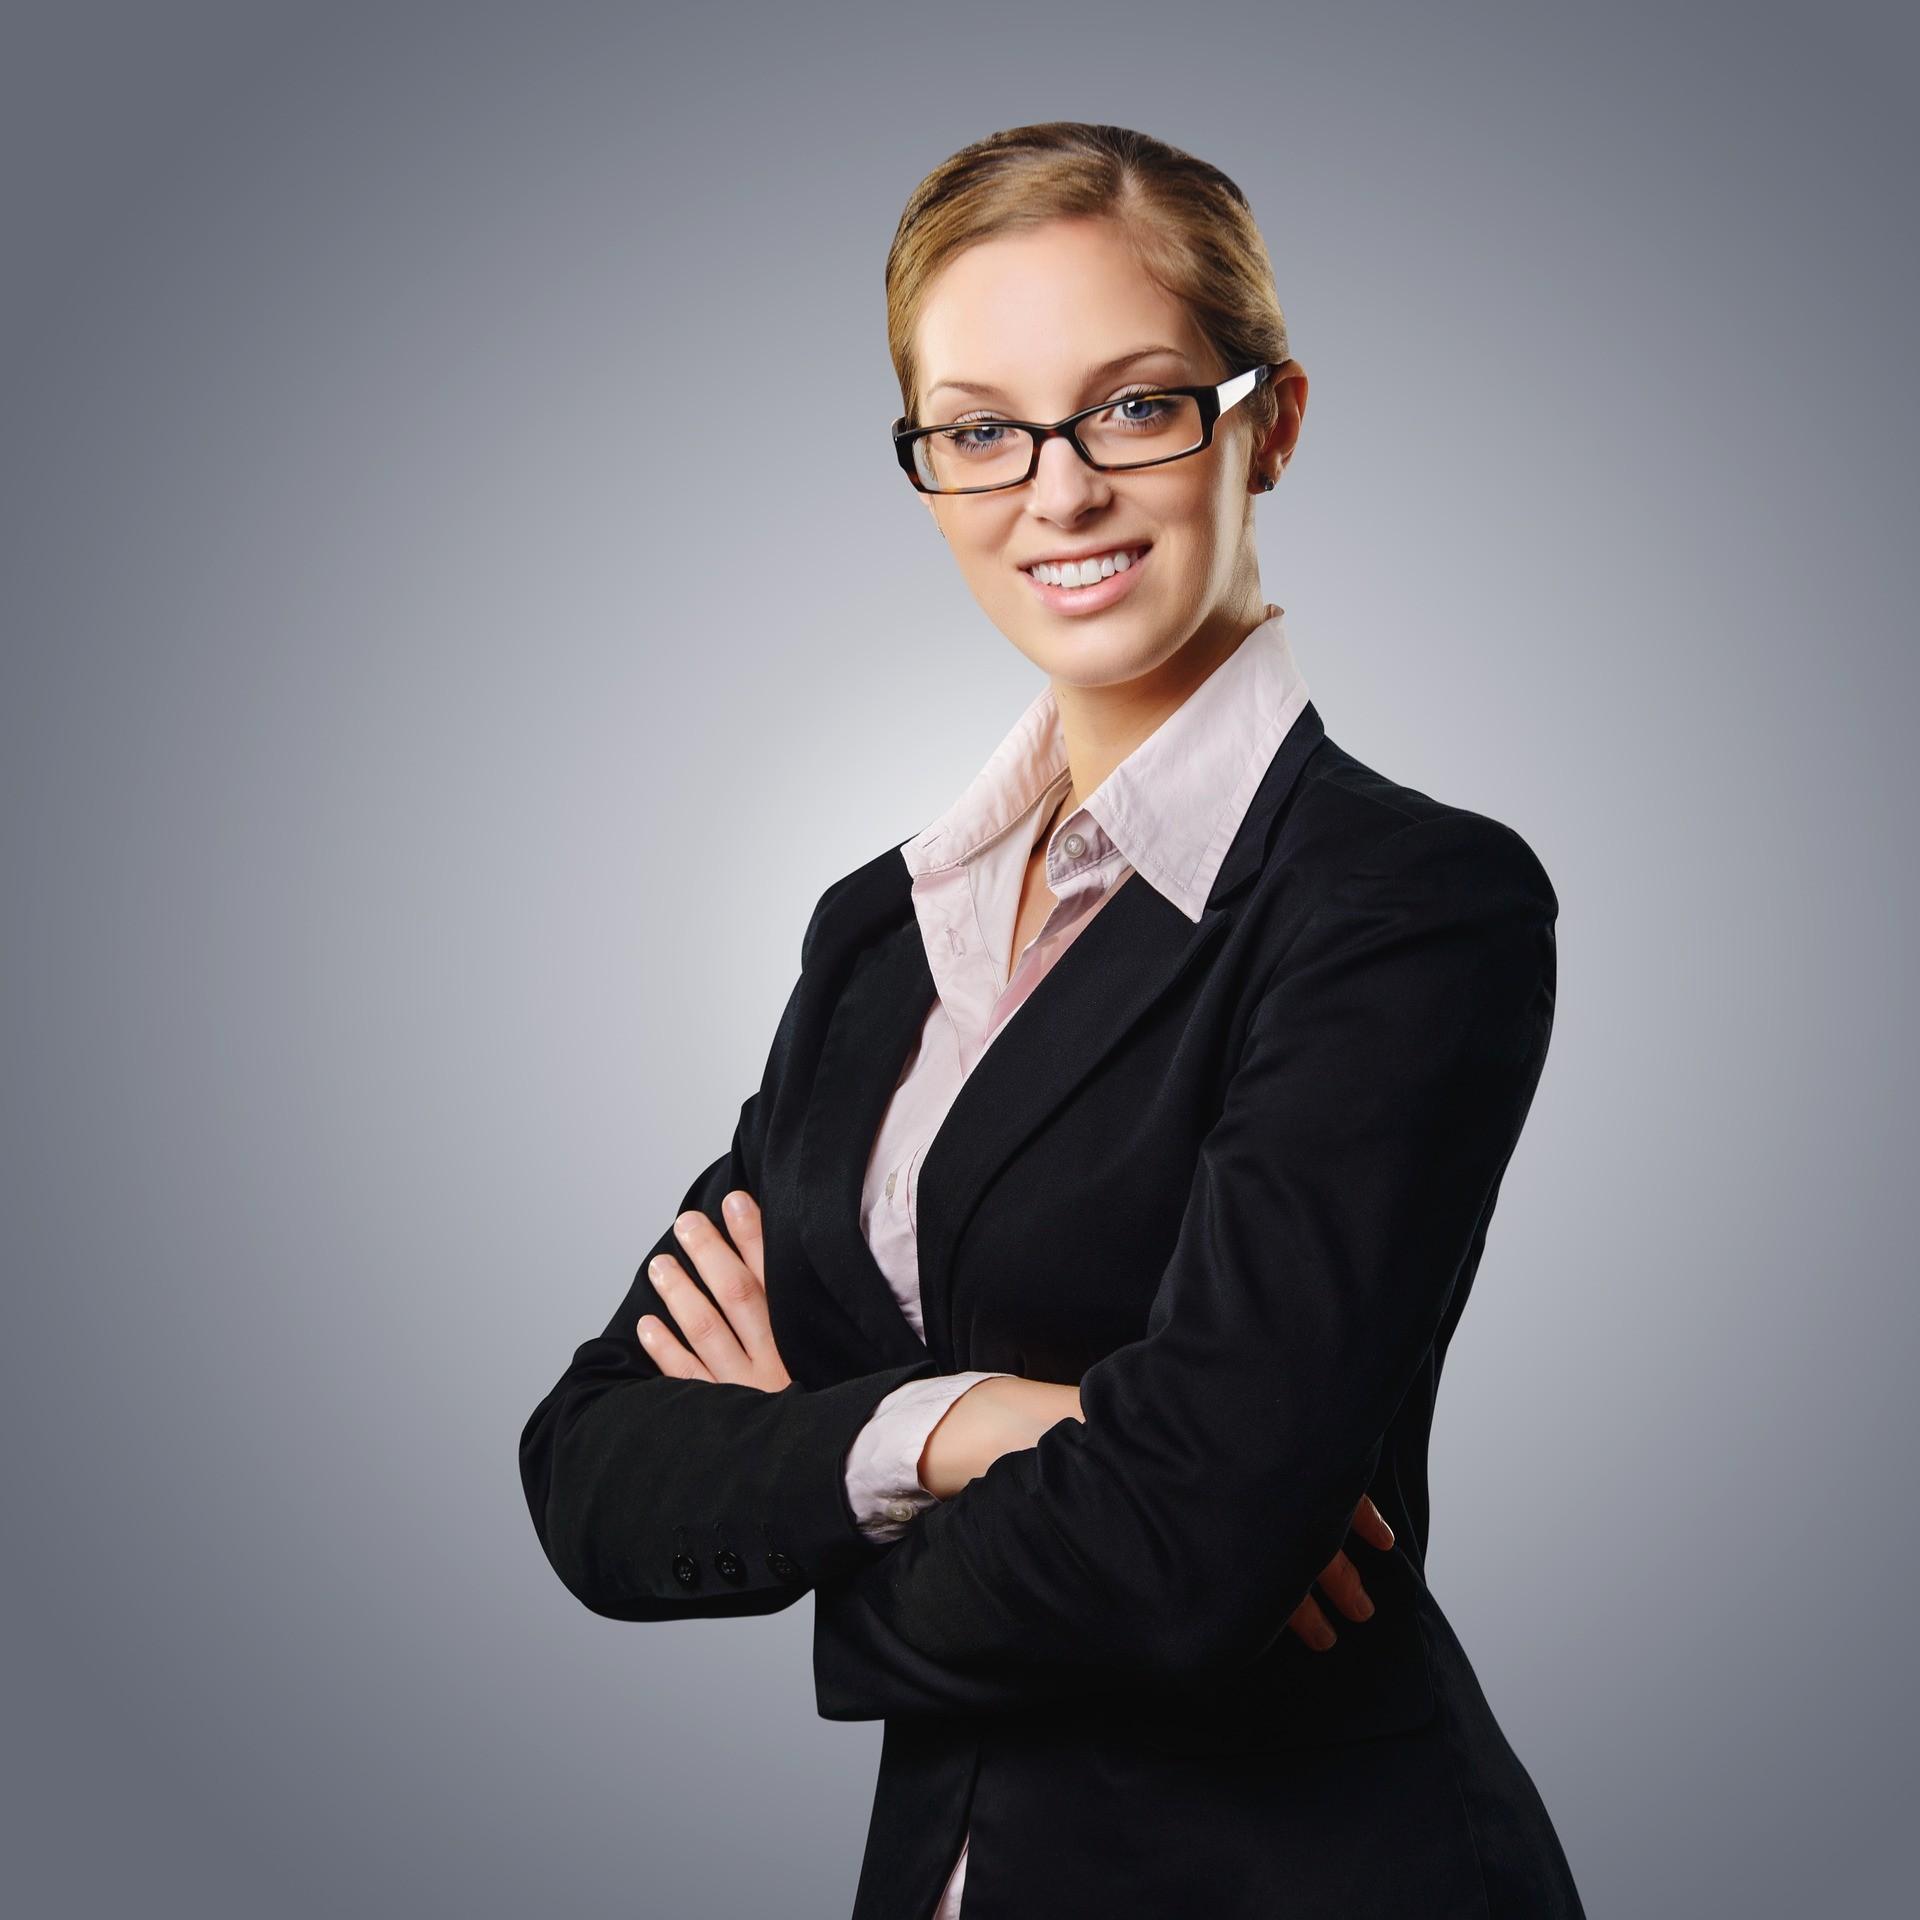 angielski biznesowy kurs językowy